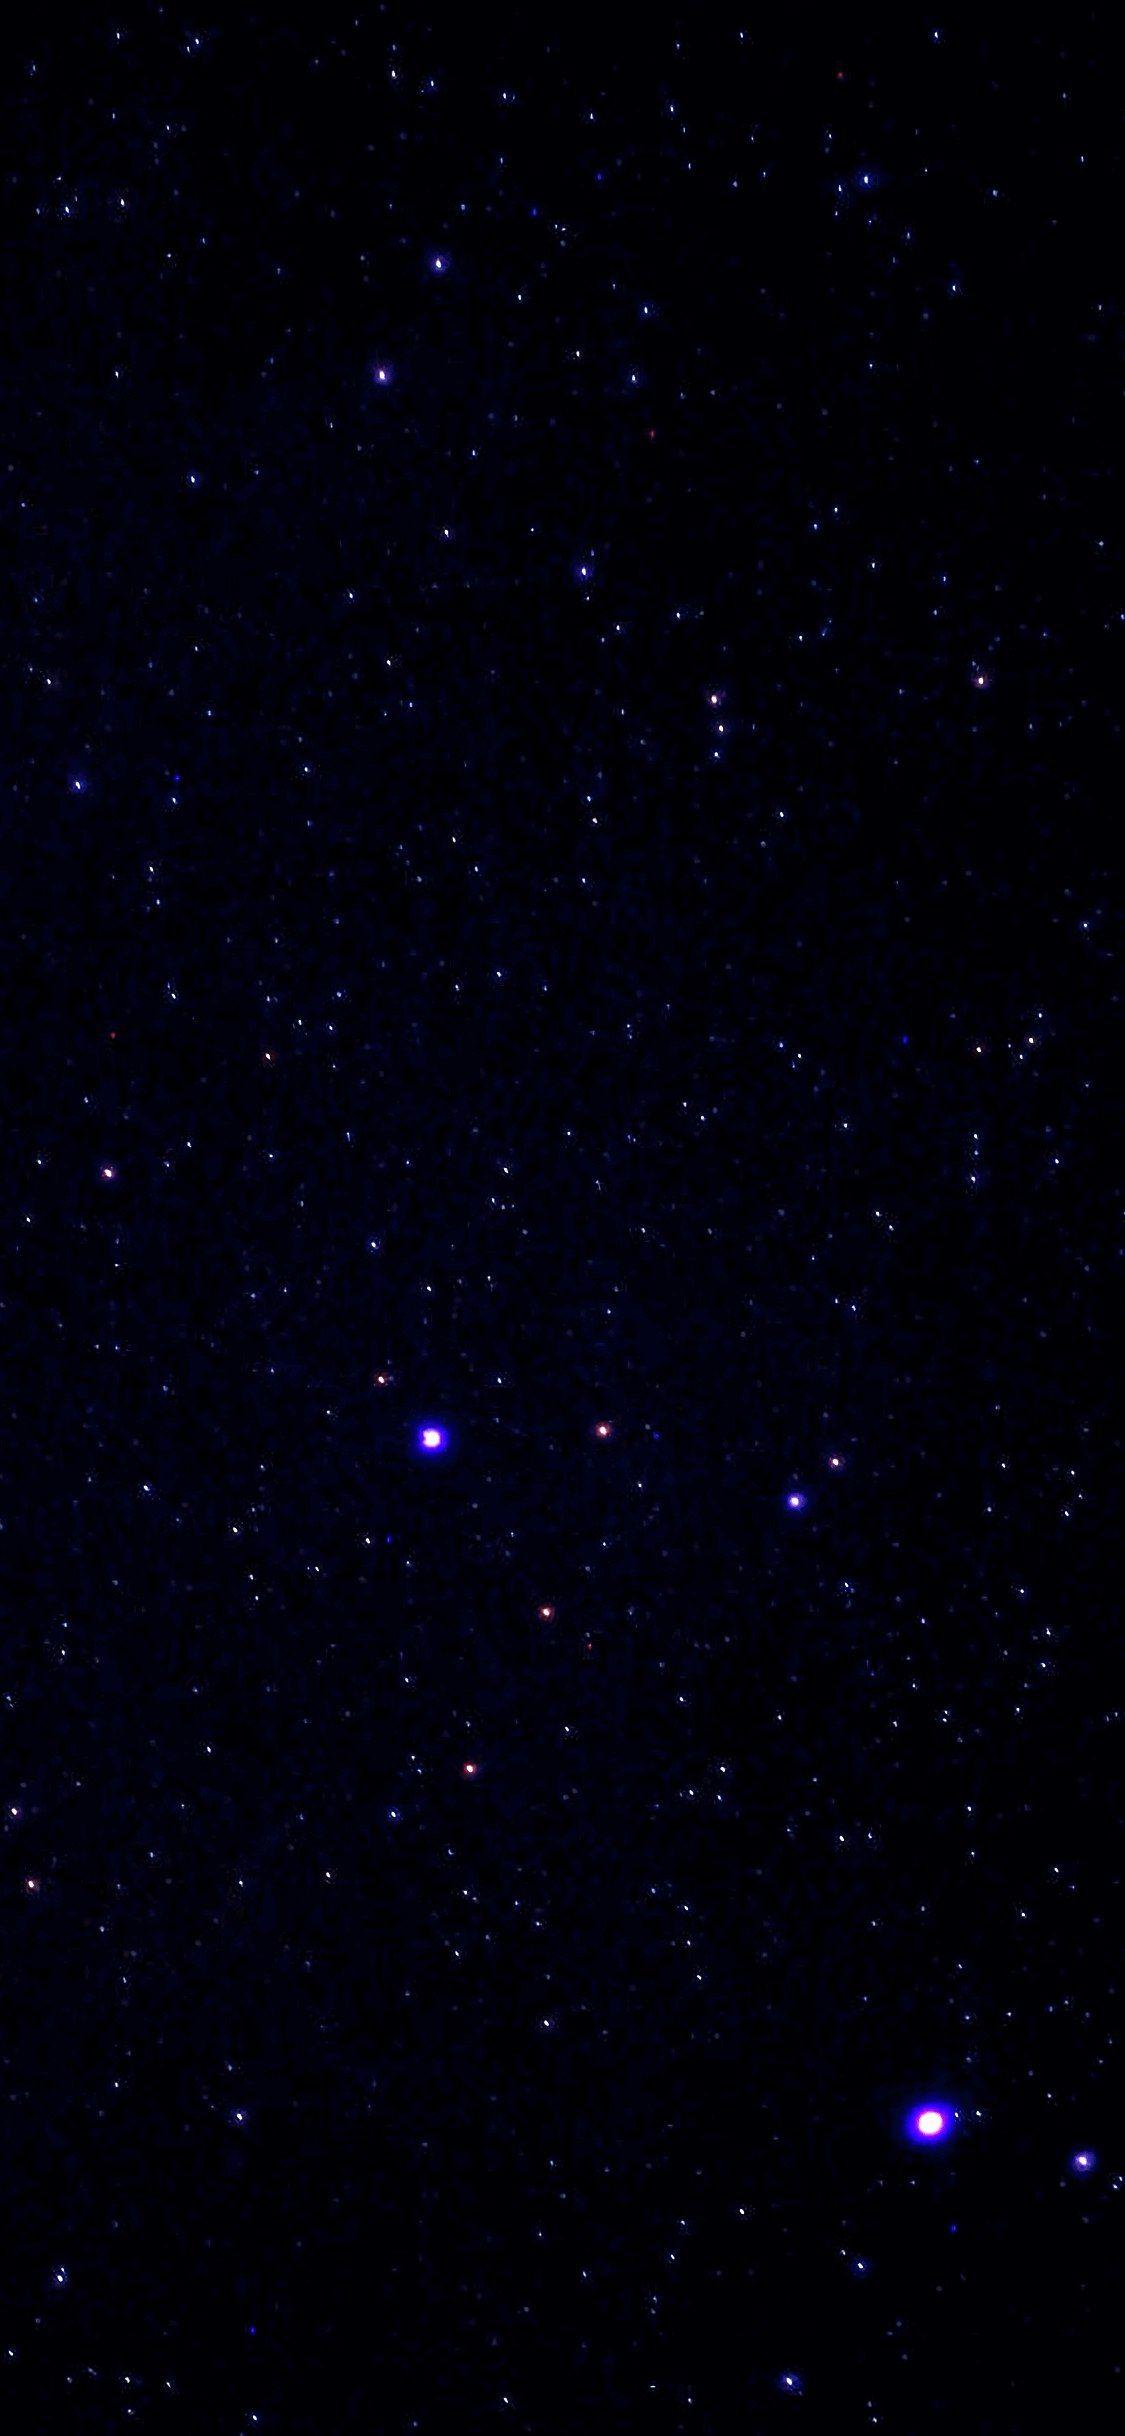 Звездное небо обои на айфон 6 009